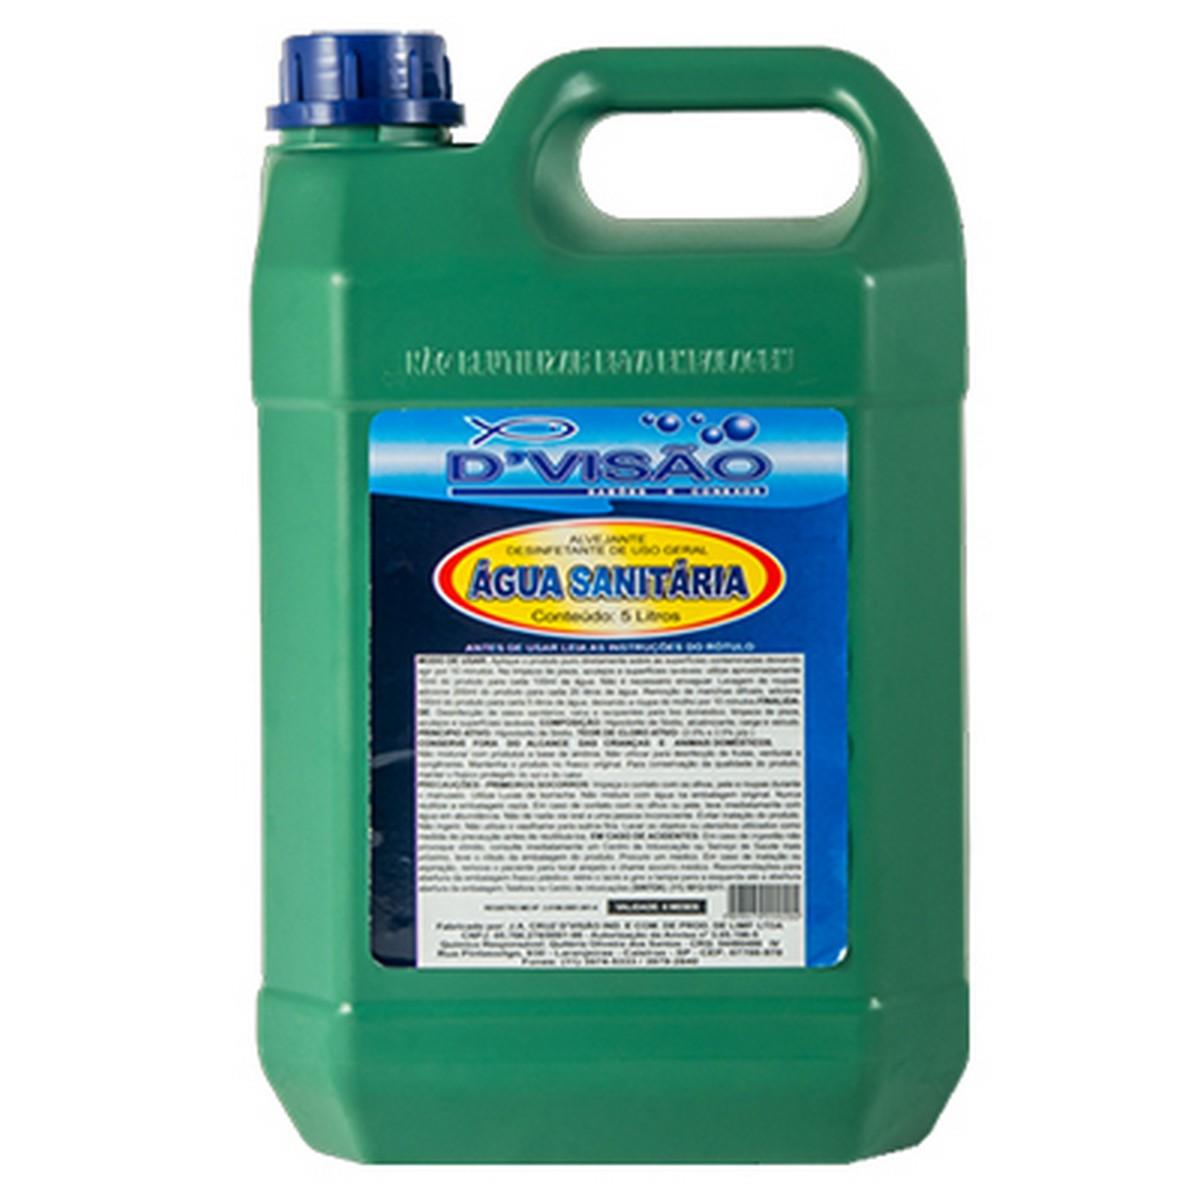 Distribuidor de produtos de limpeza são paulo